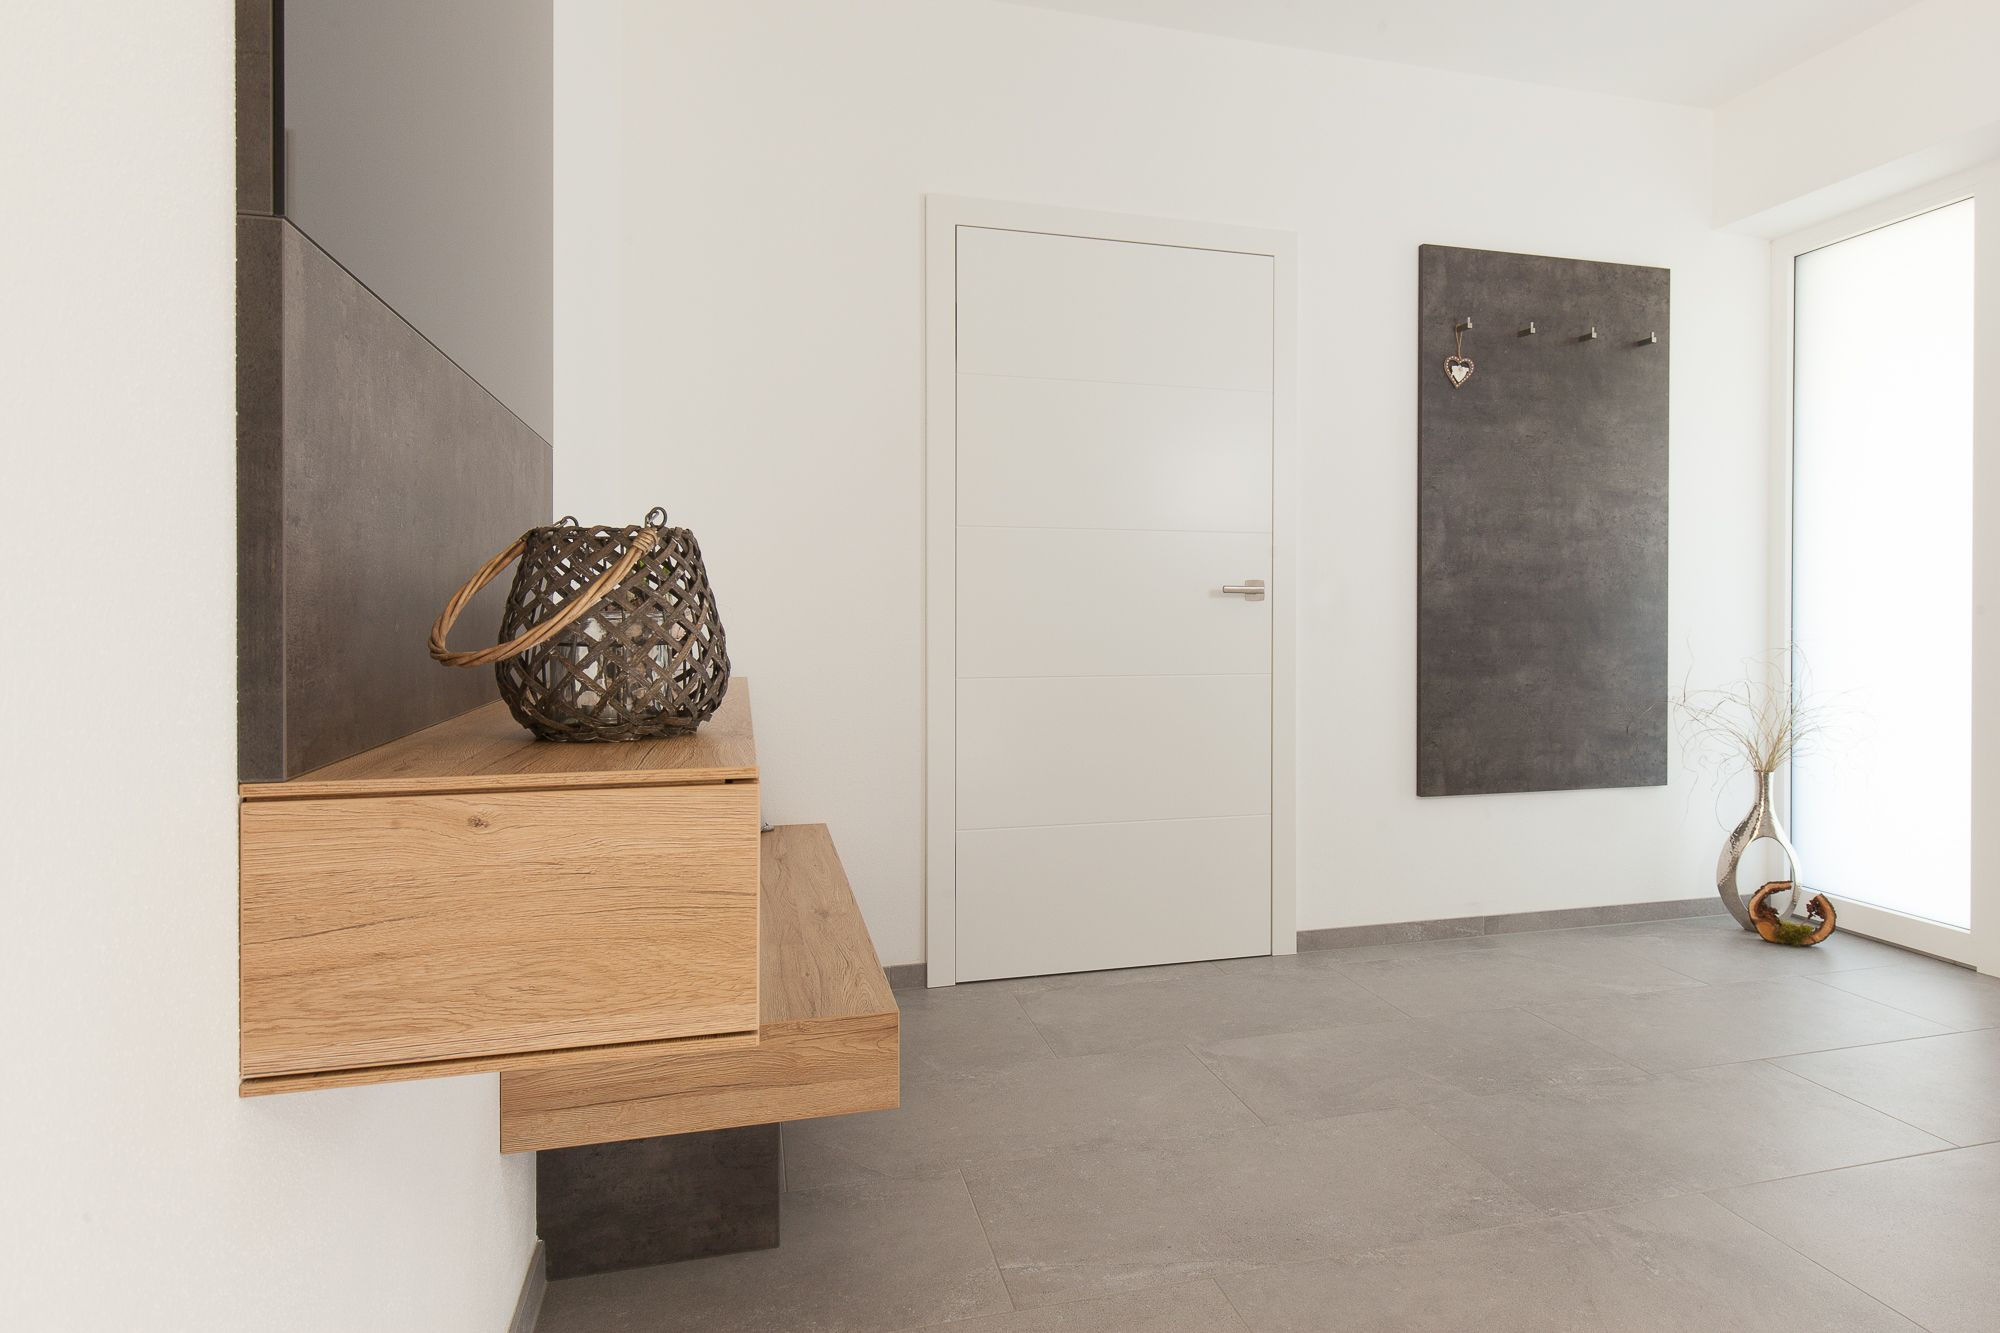 Hülsta babyzimmer ~ Wohnkombination hülsta gentis interior living